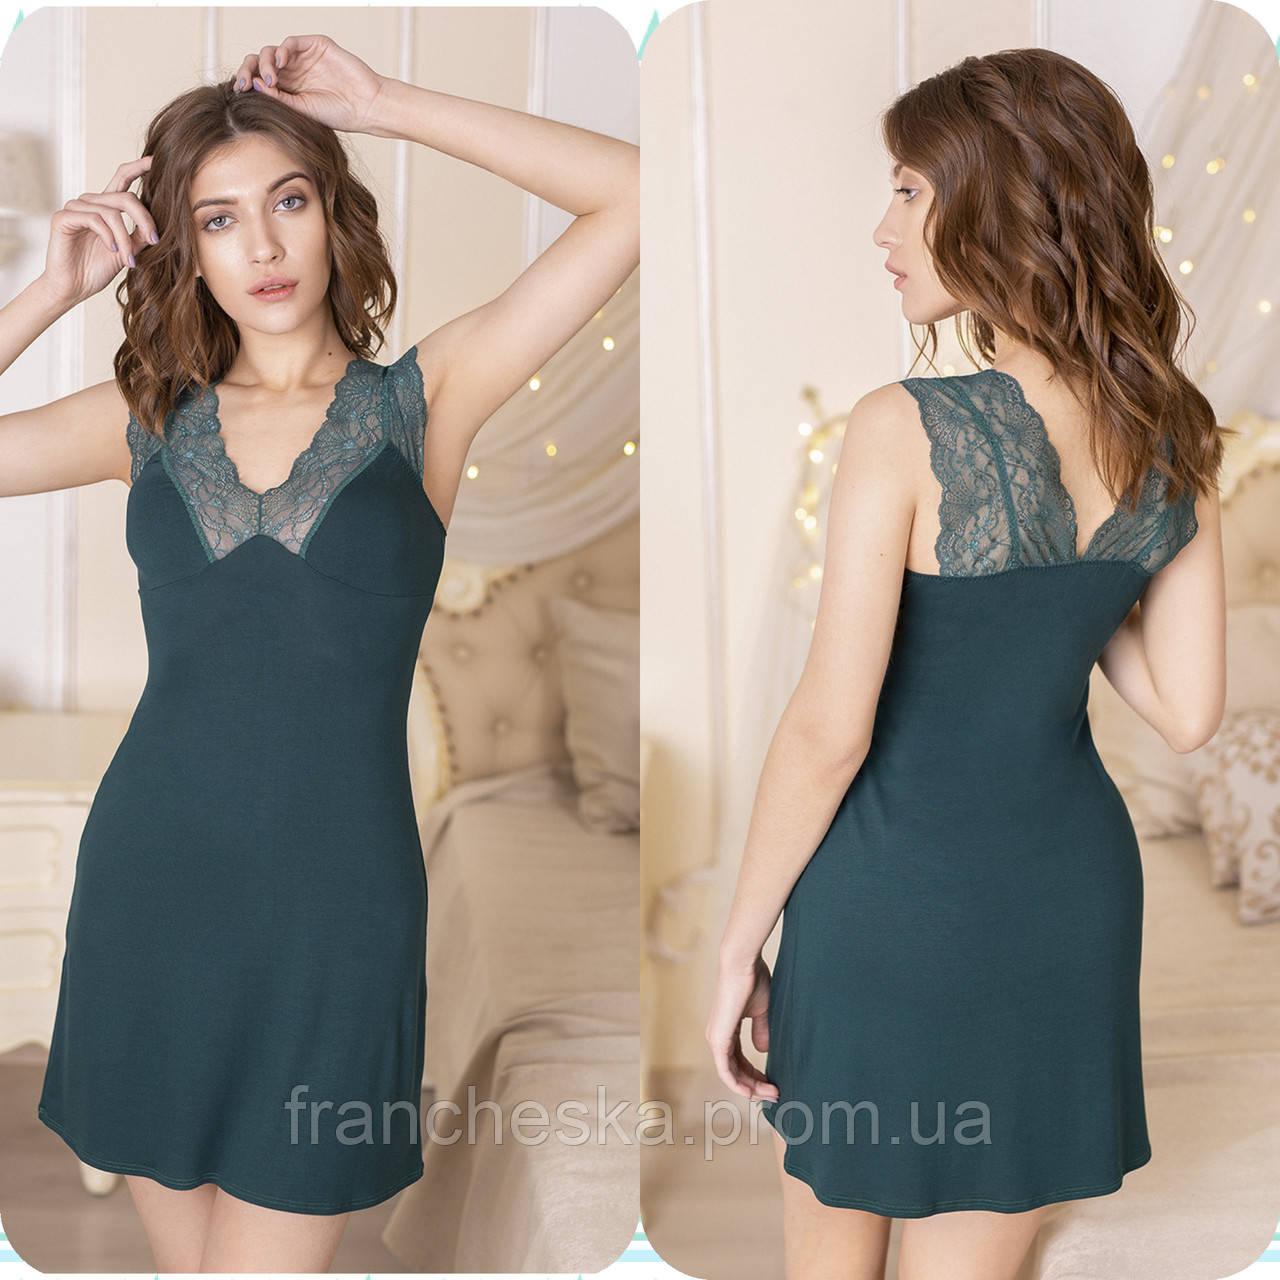 598ae3e671cd Ночная сорочка из зеленого вискозного полотна из коллекции